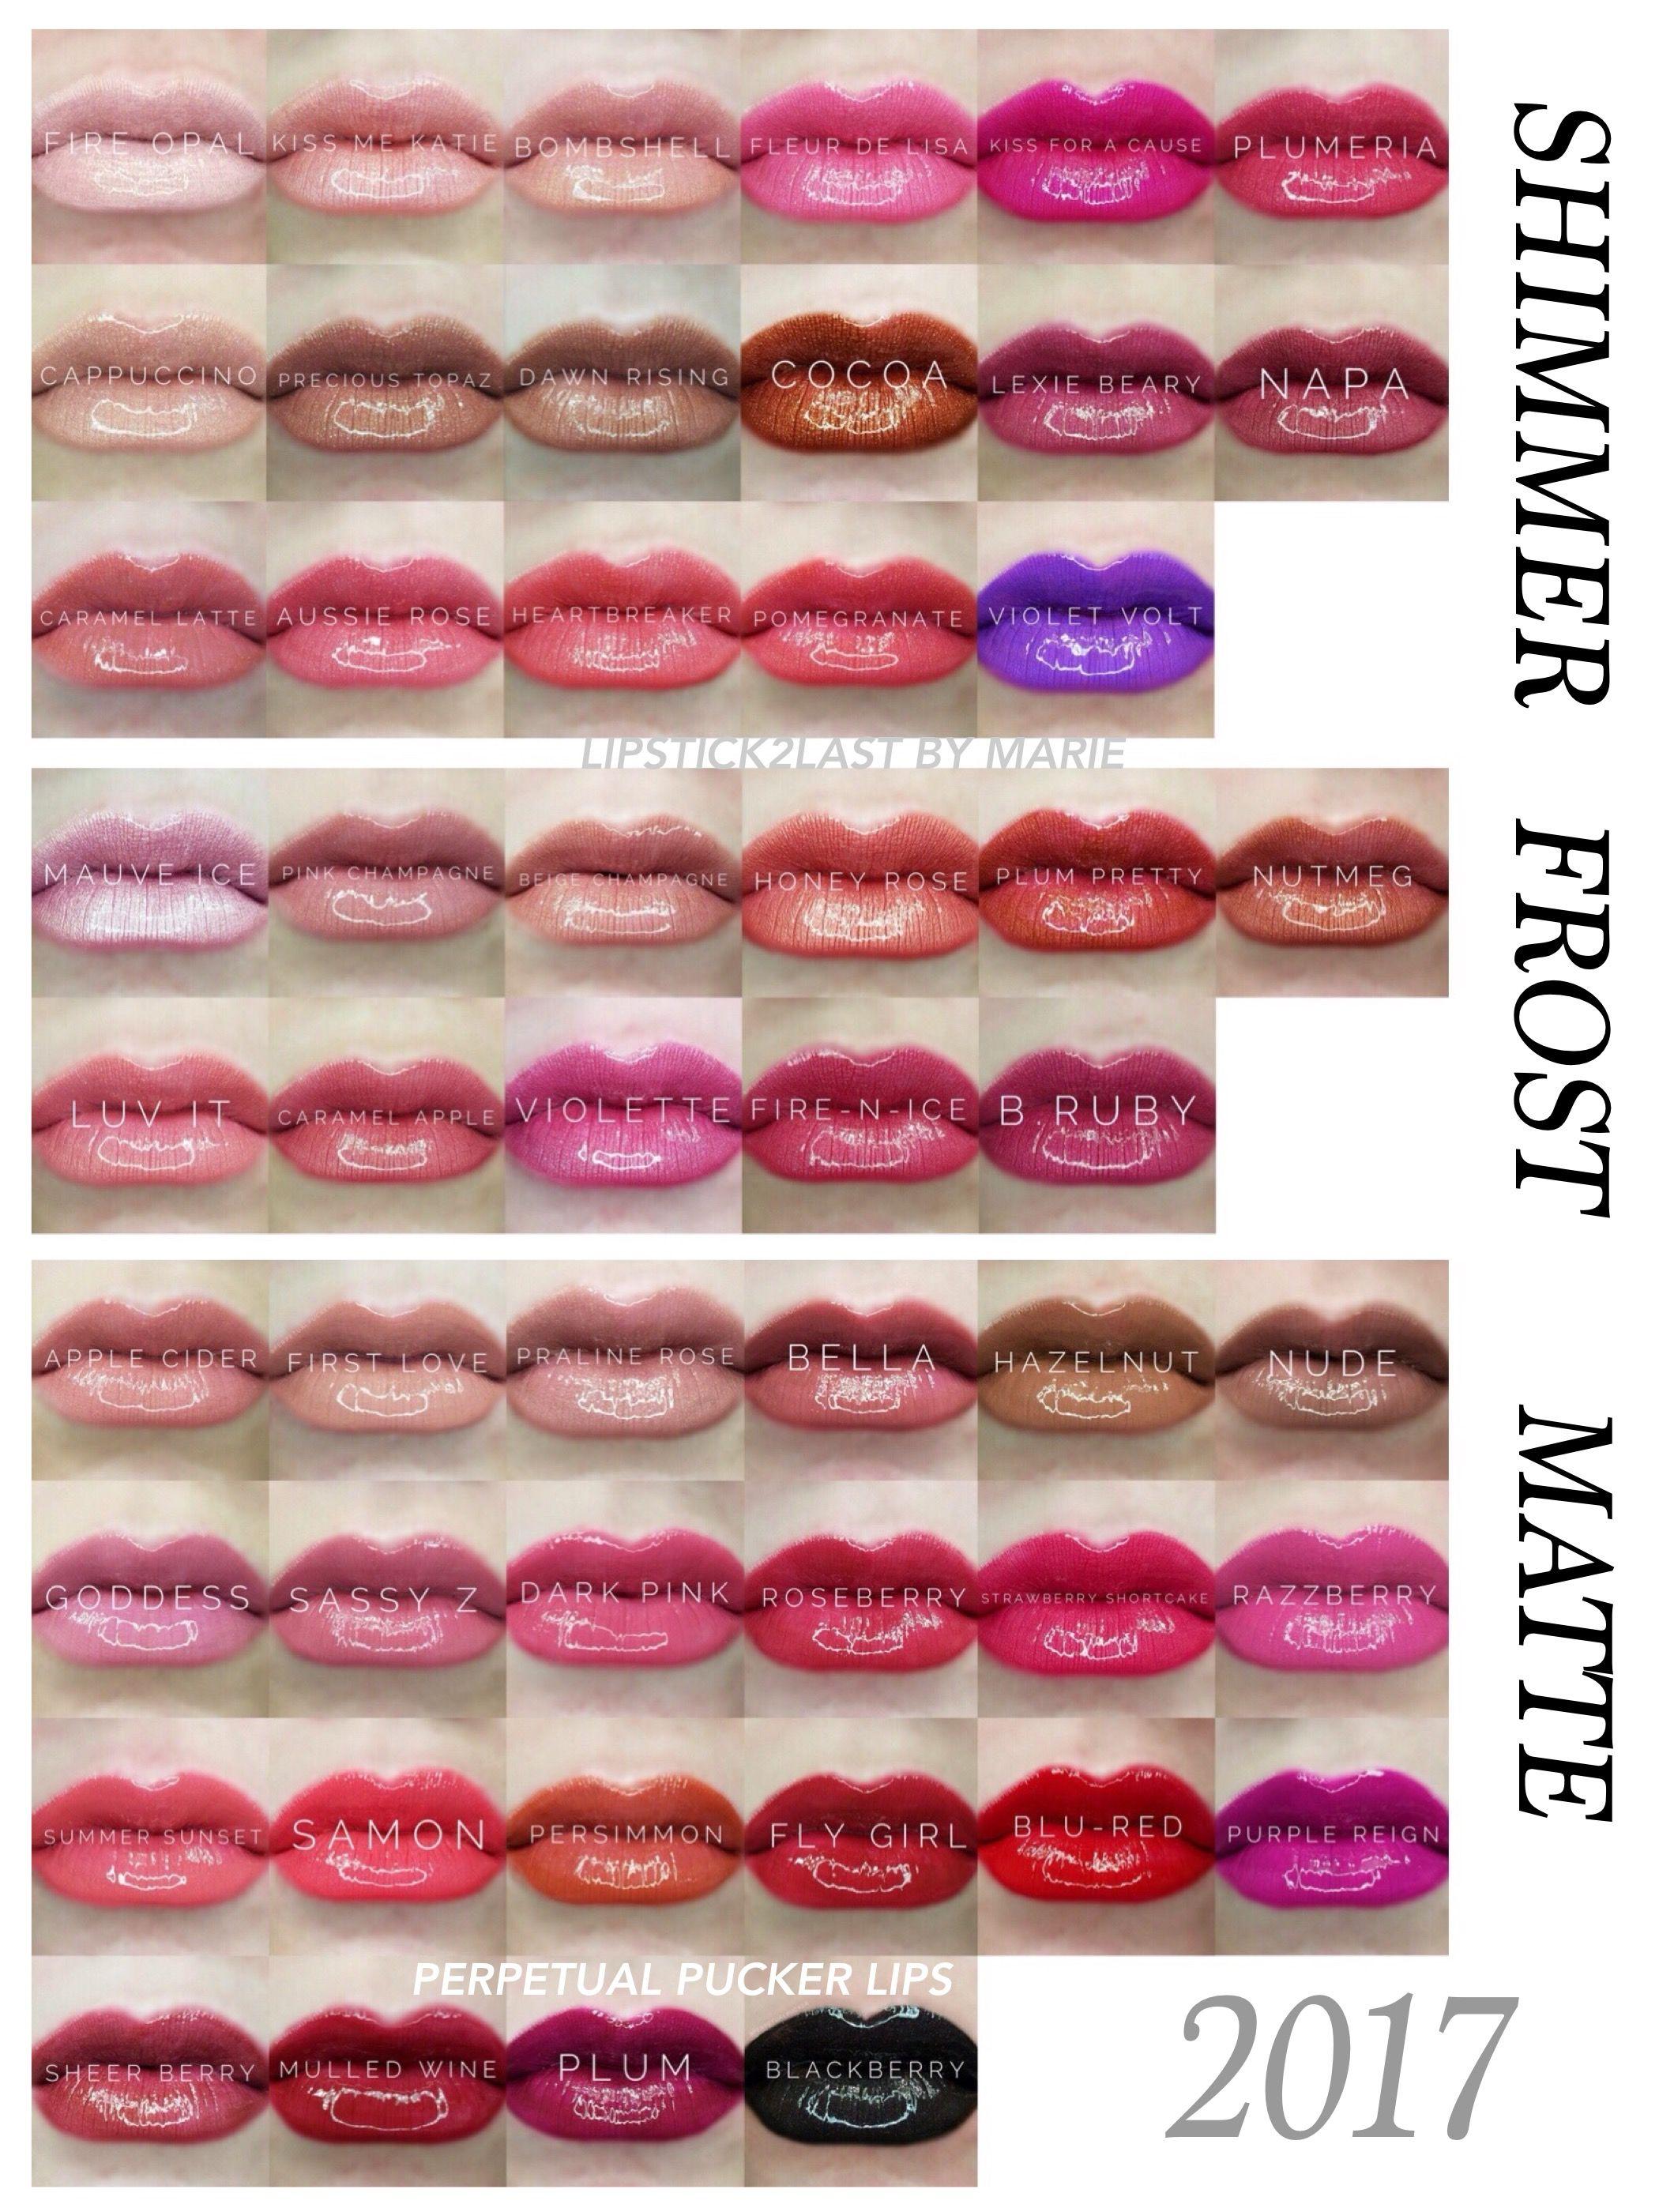 Final 50 LipSense colors chart by finish. LipSense shimmer